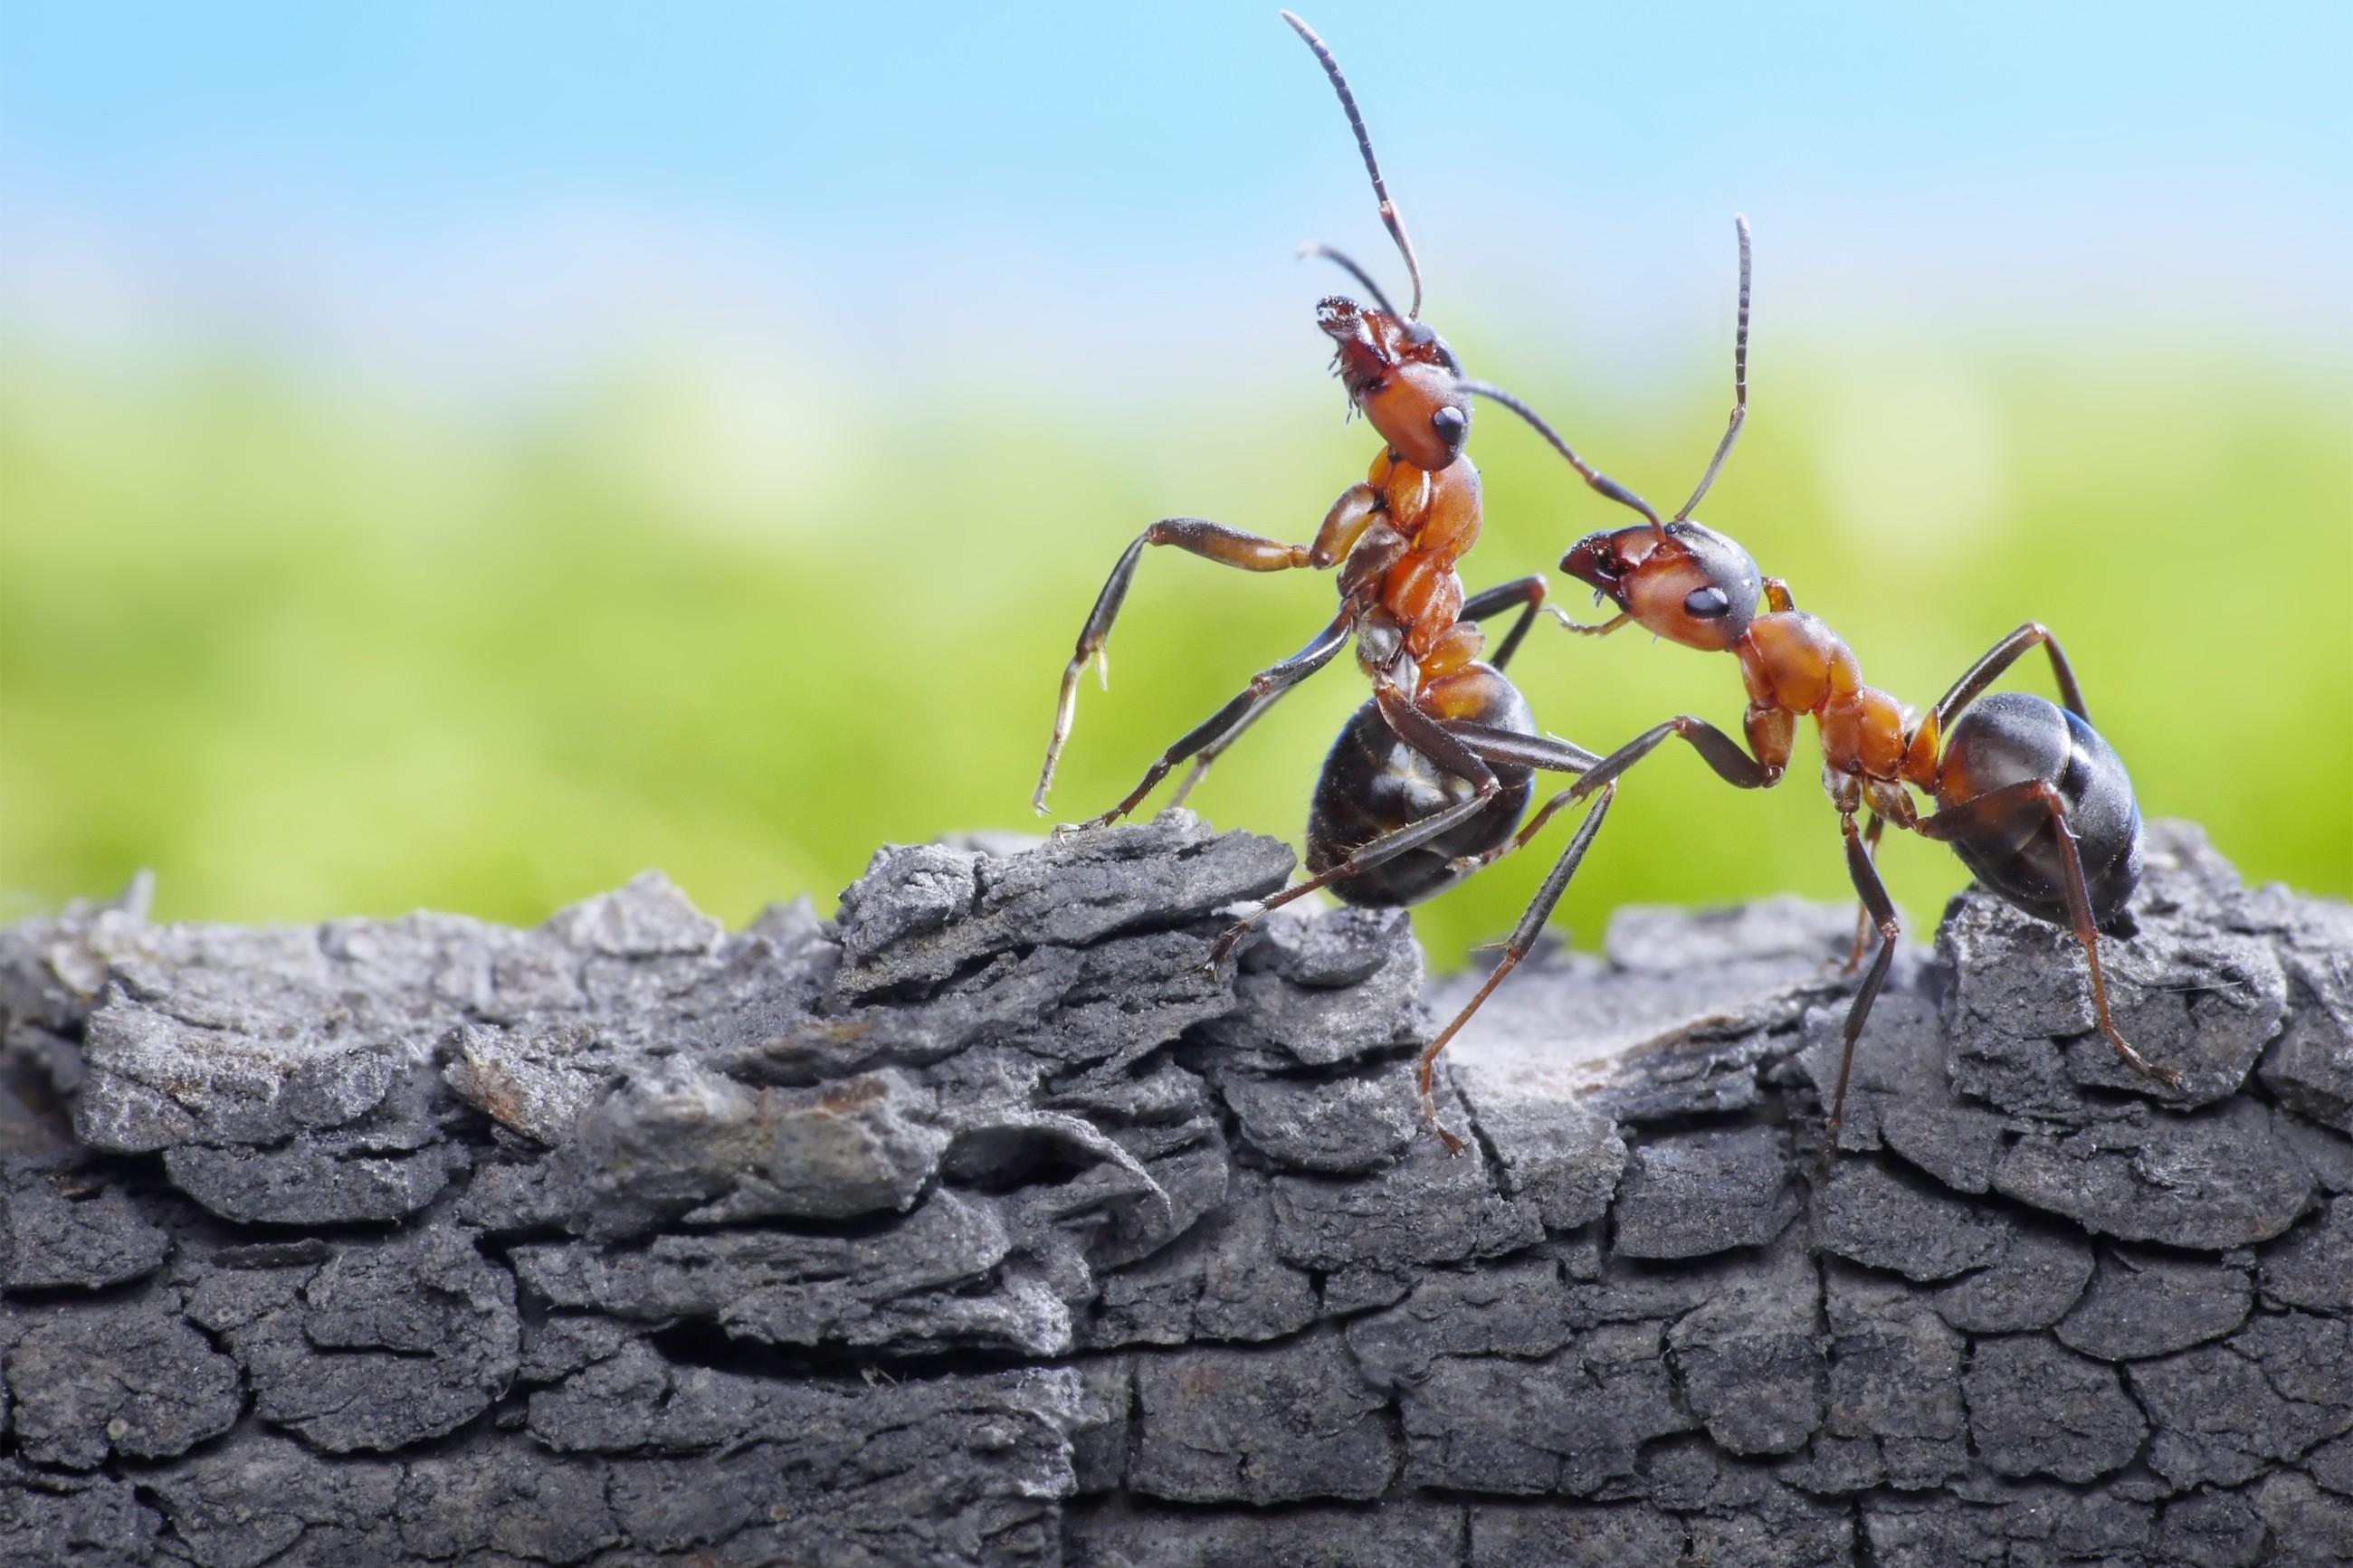 Occhio al trucco delle formiche sul collo: vi rubano la collanina